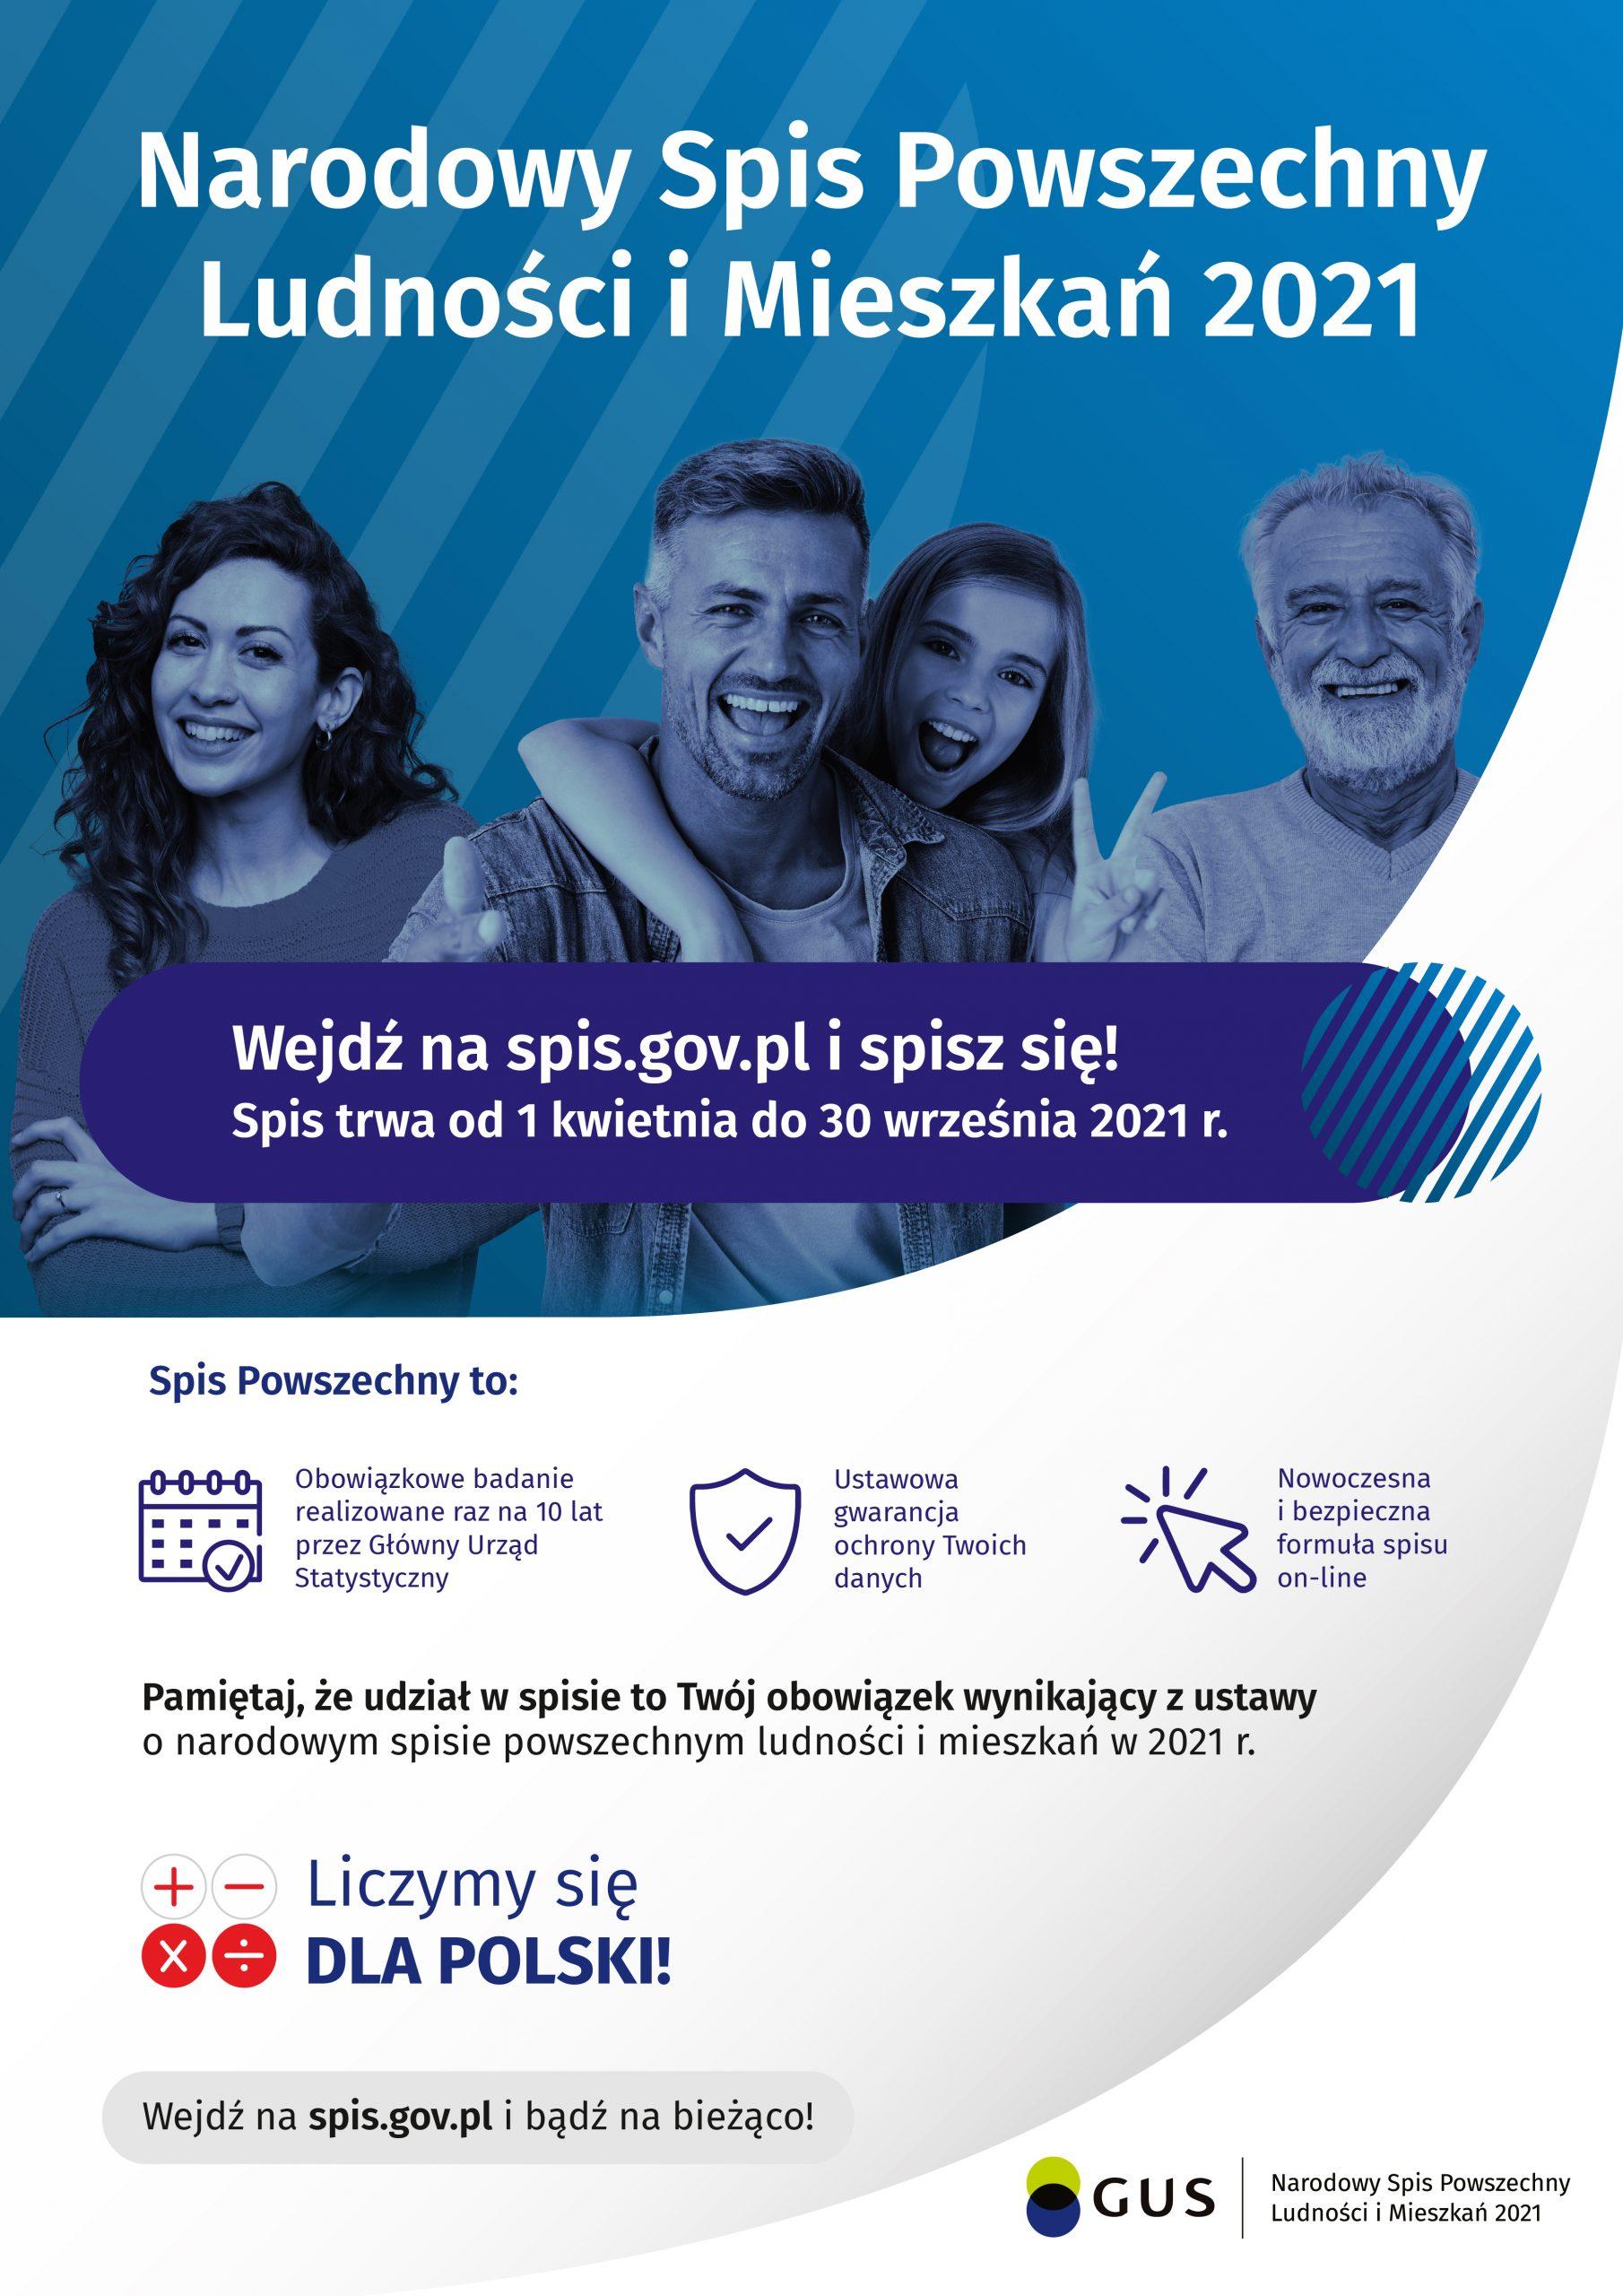 Plakat. Narodowy Spis Powszechny Ludności i Mieszkań 2021